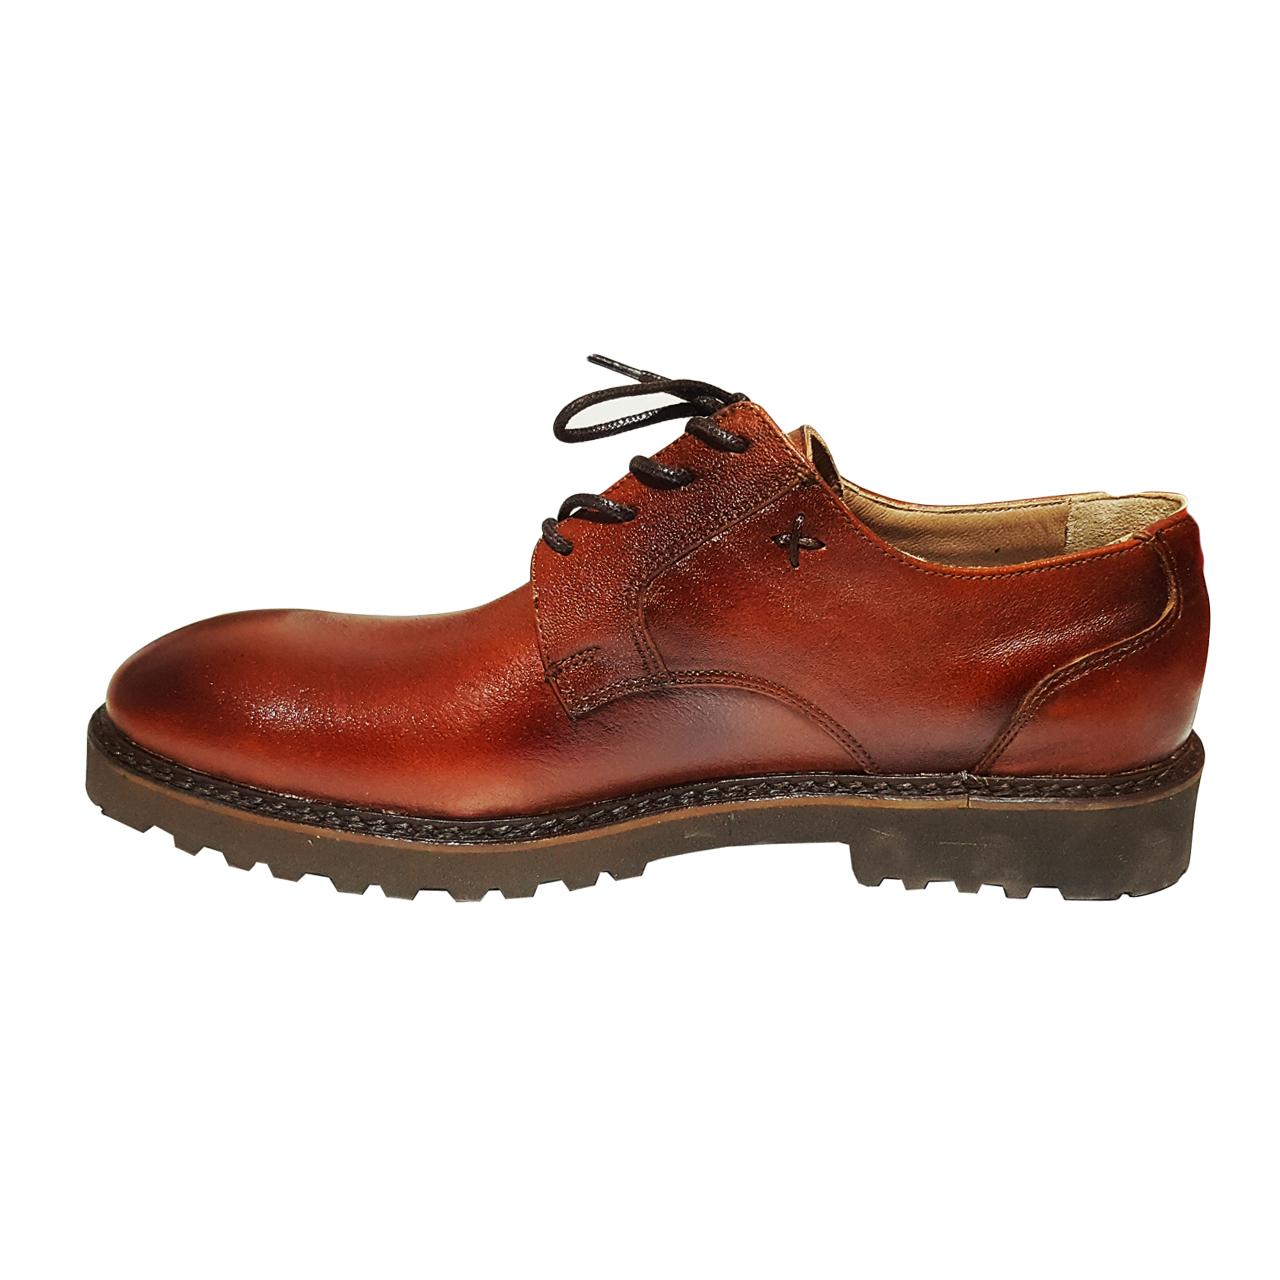 کفش مردانه چرم طبیعی کد 1106-2